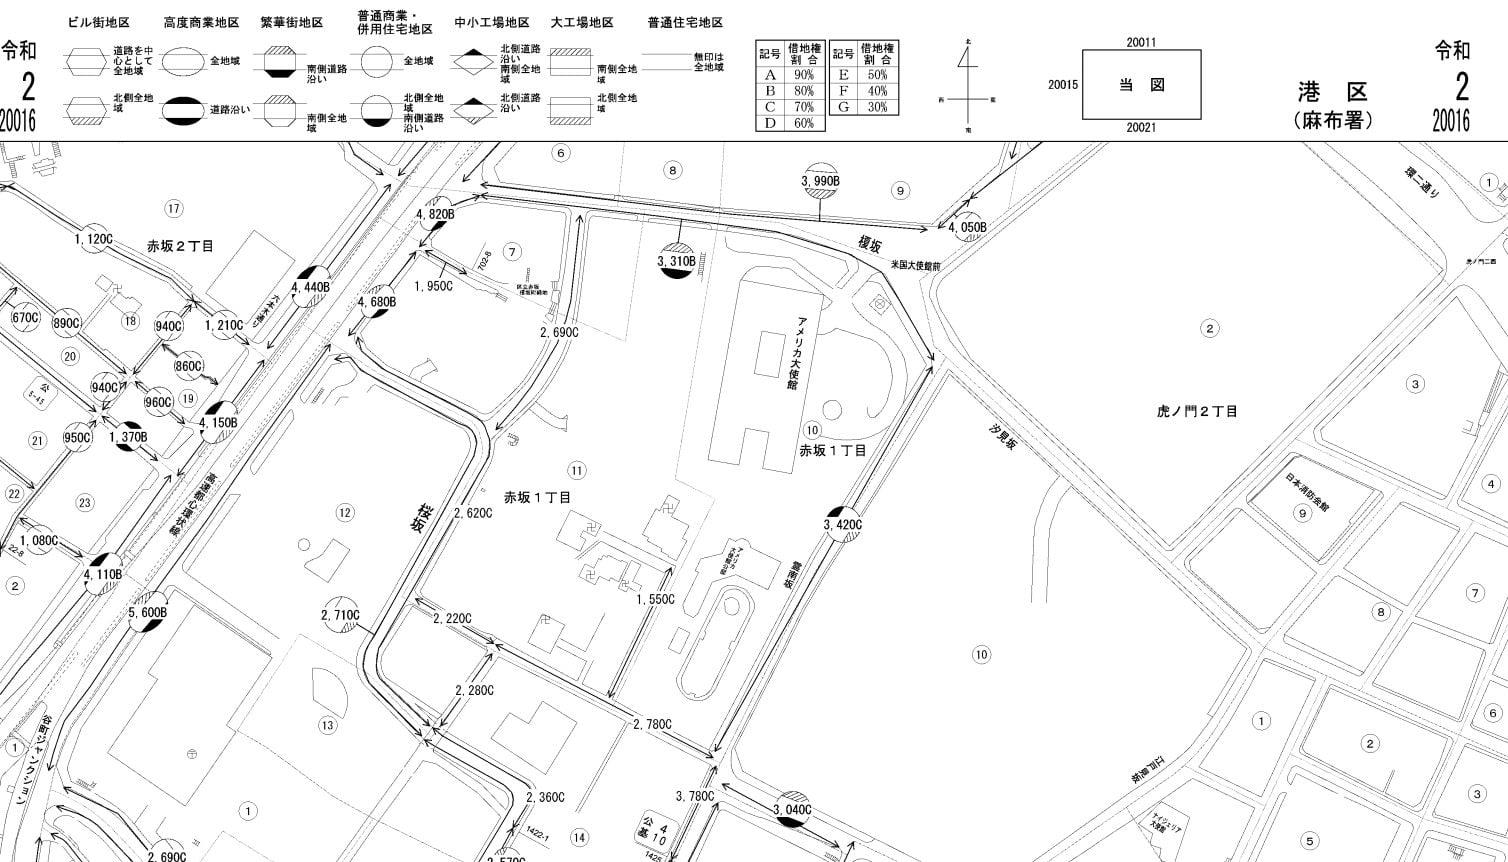 東京都港区の路線価図